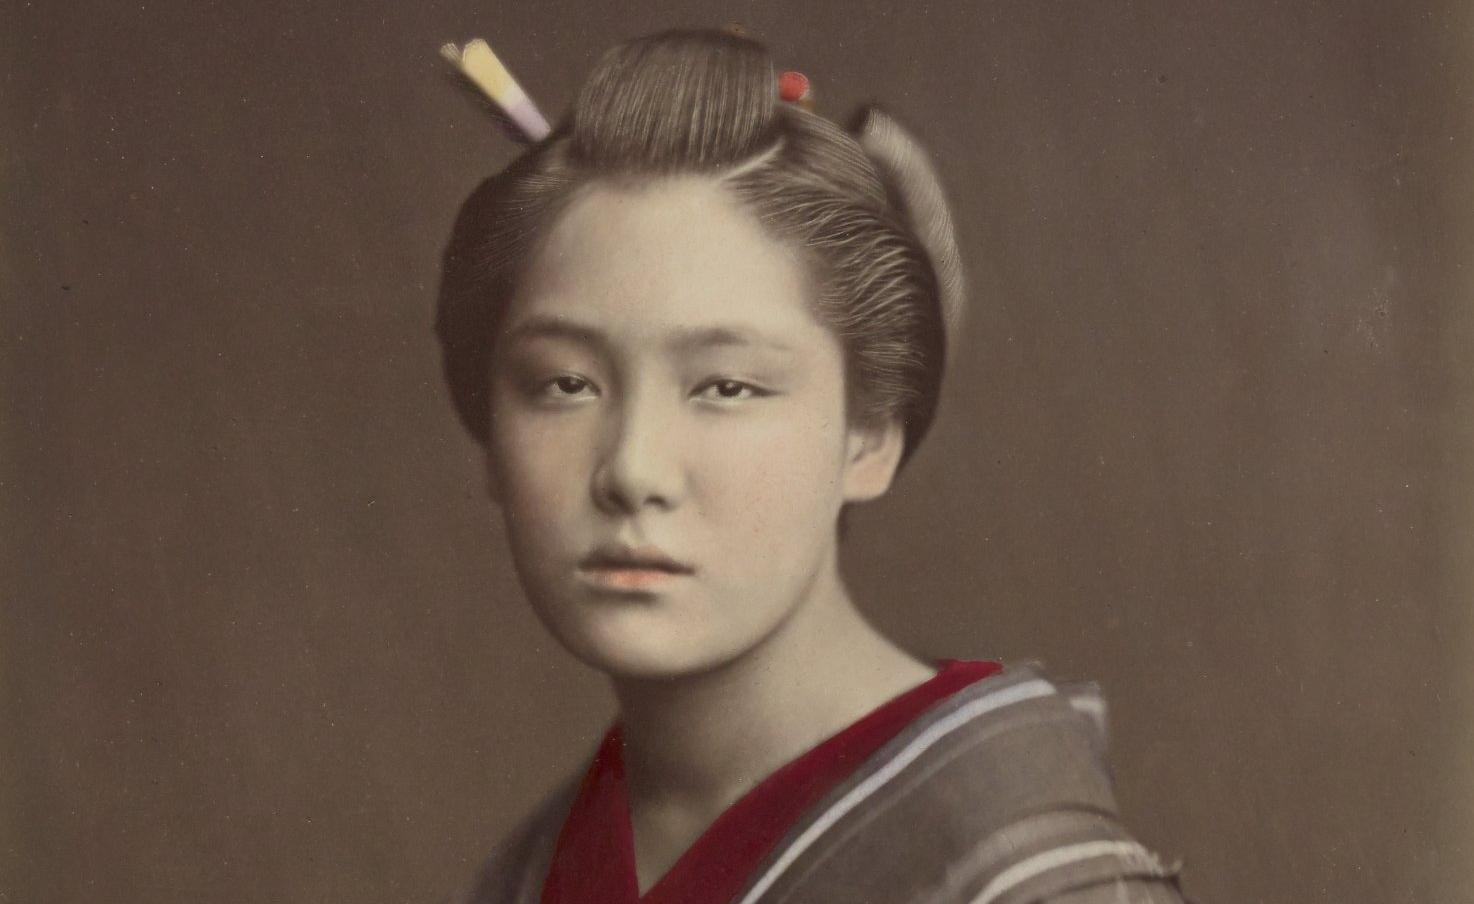 Japonais / [réalisé par Stillfried & Andersen], 1877-78. SG WD-232, vue 61